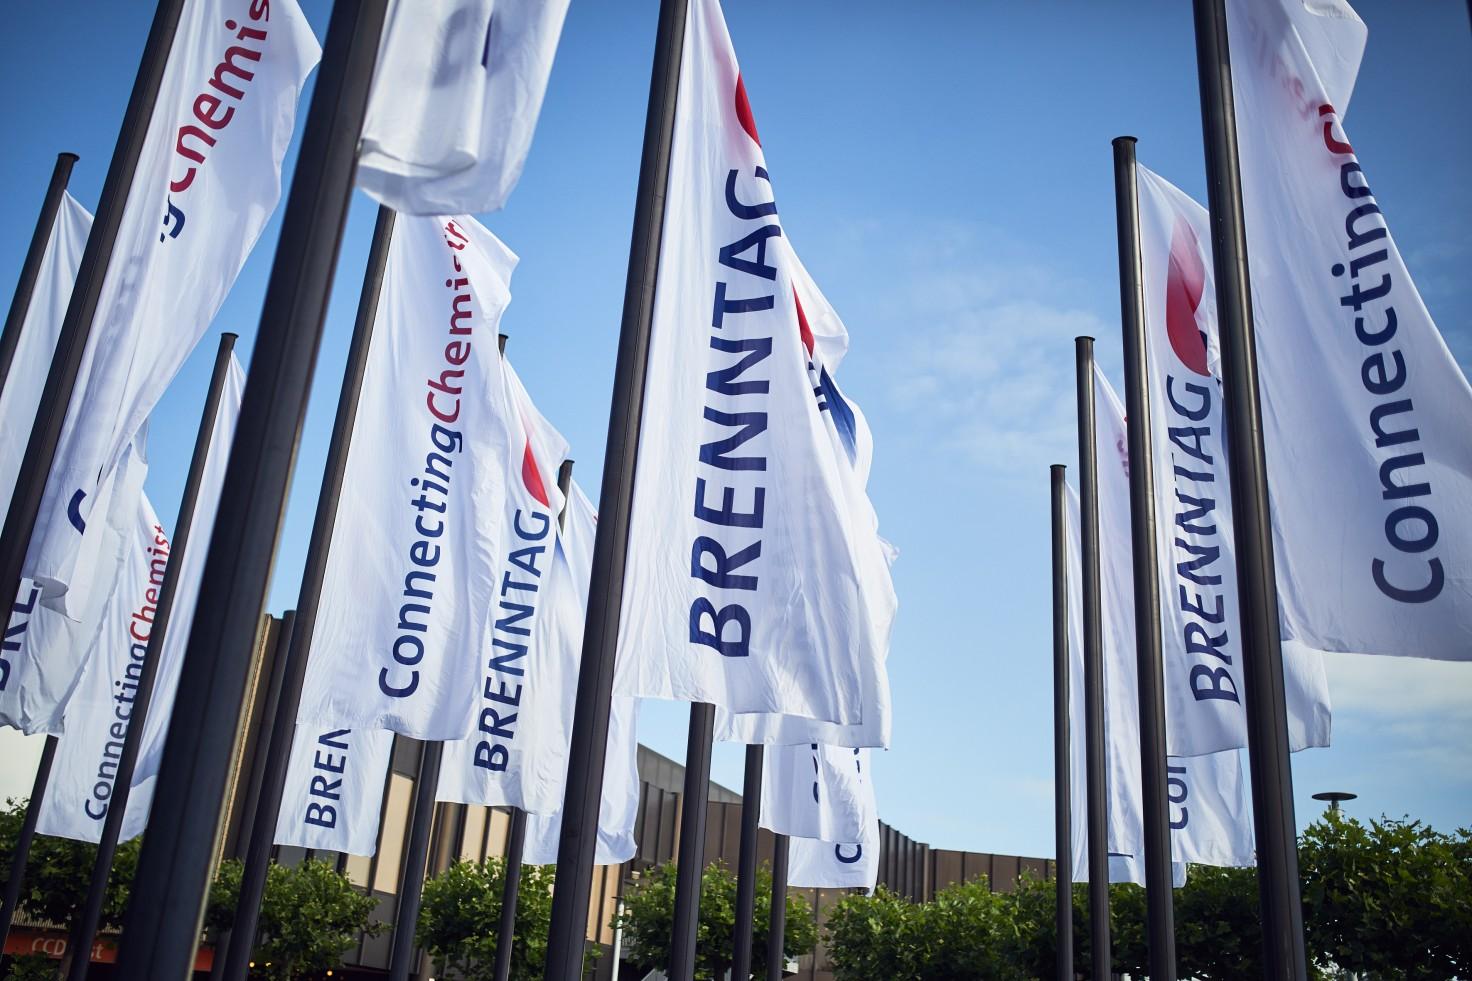 Brenntag_Flags